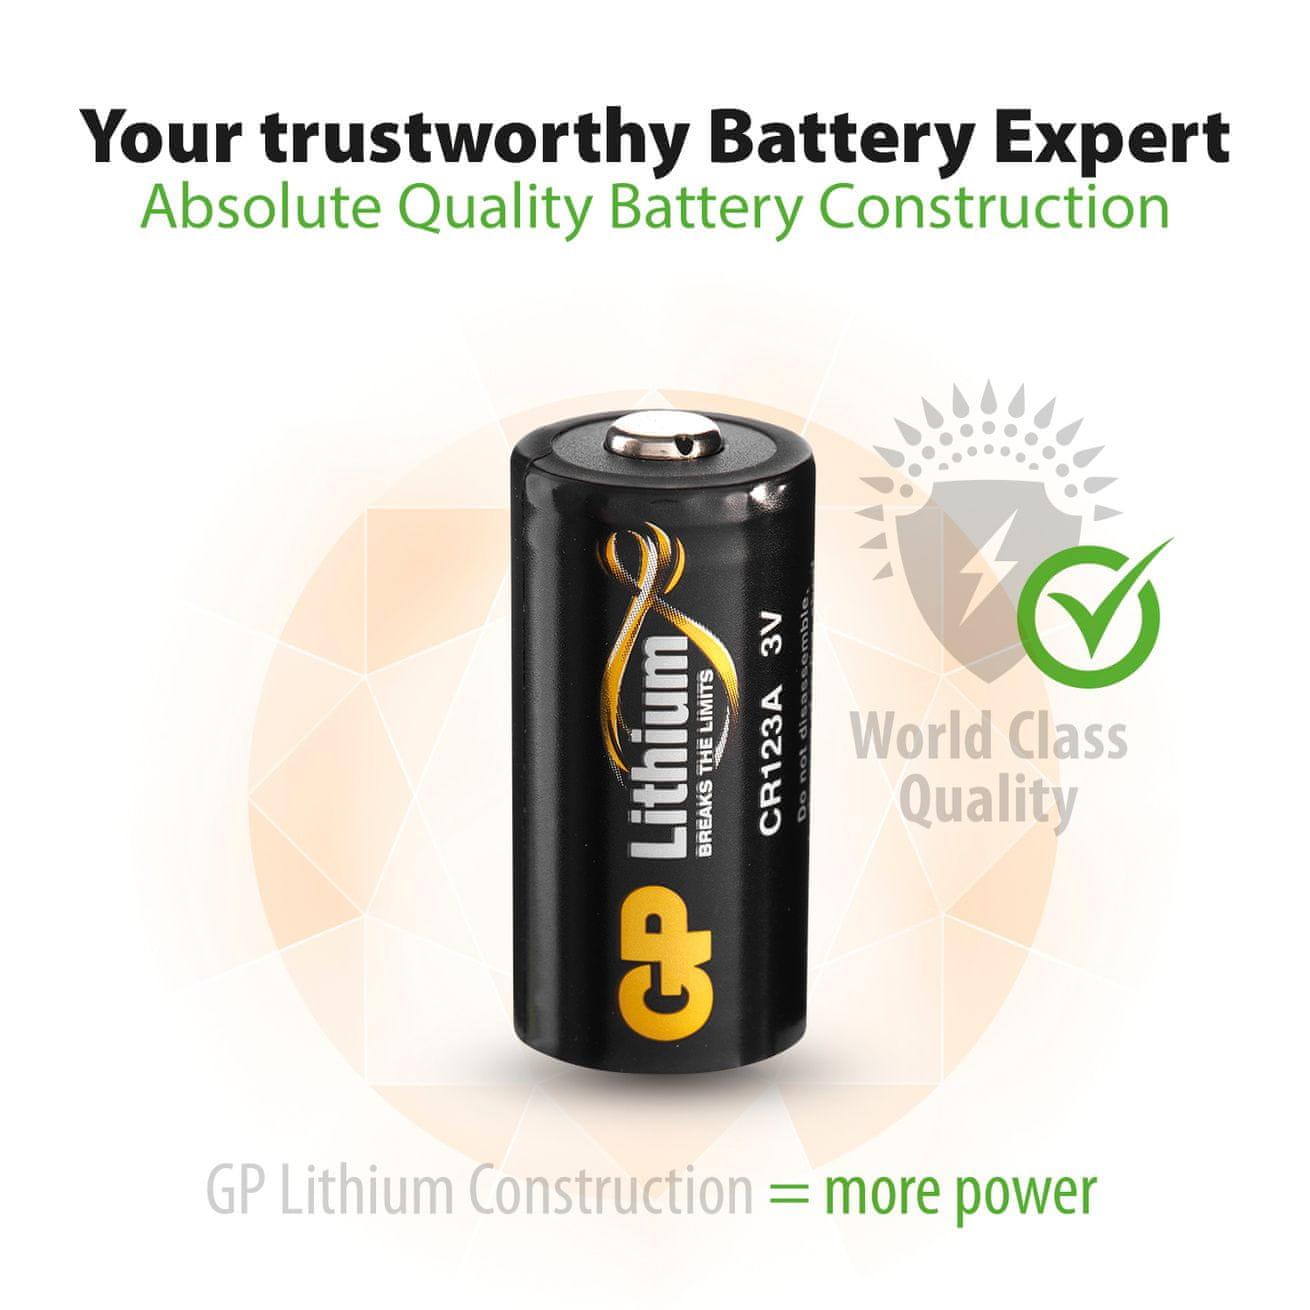 Od stručnjaka za baterije